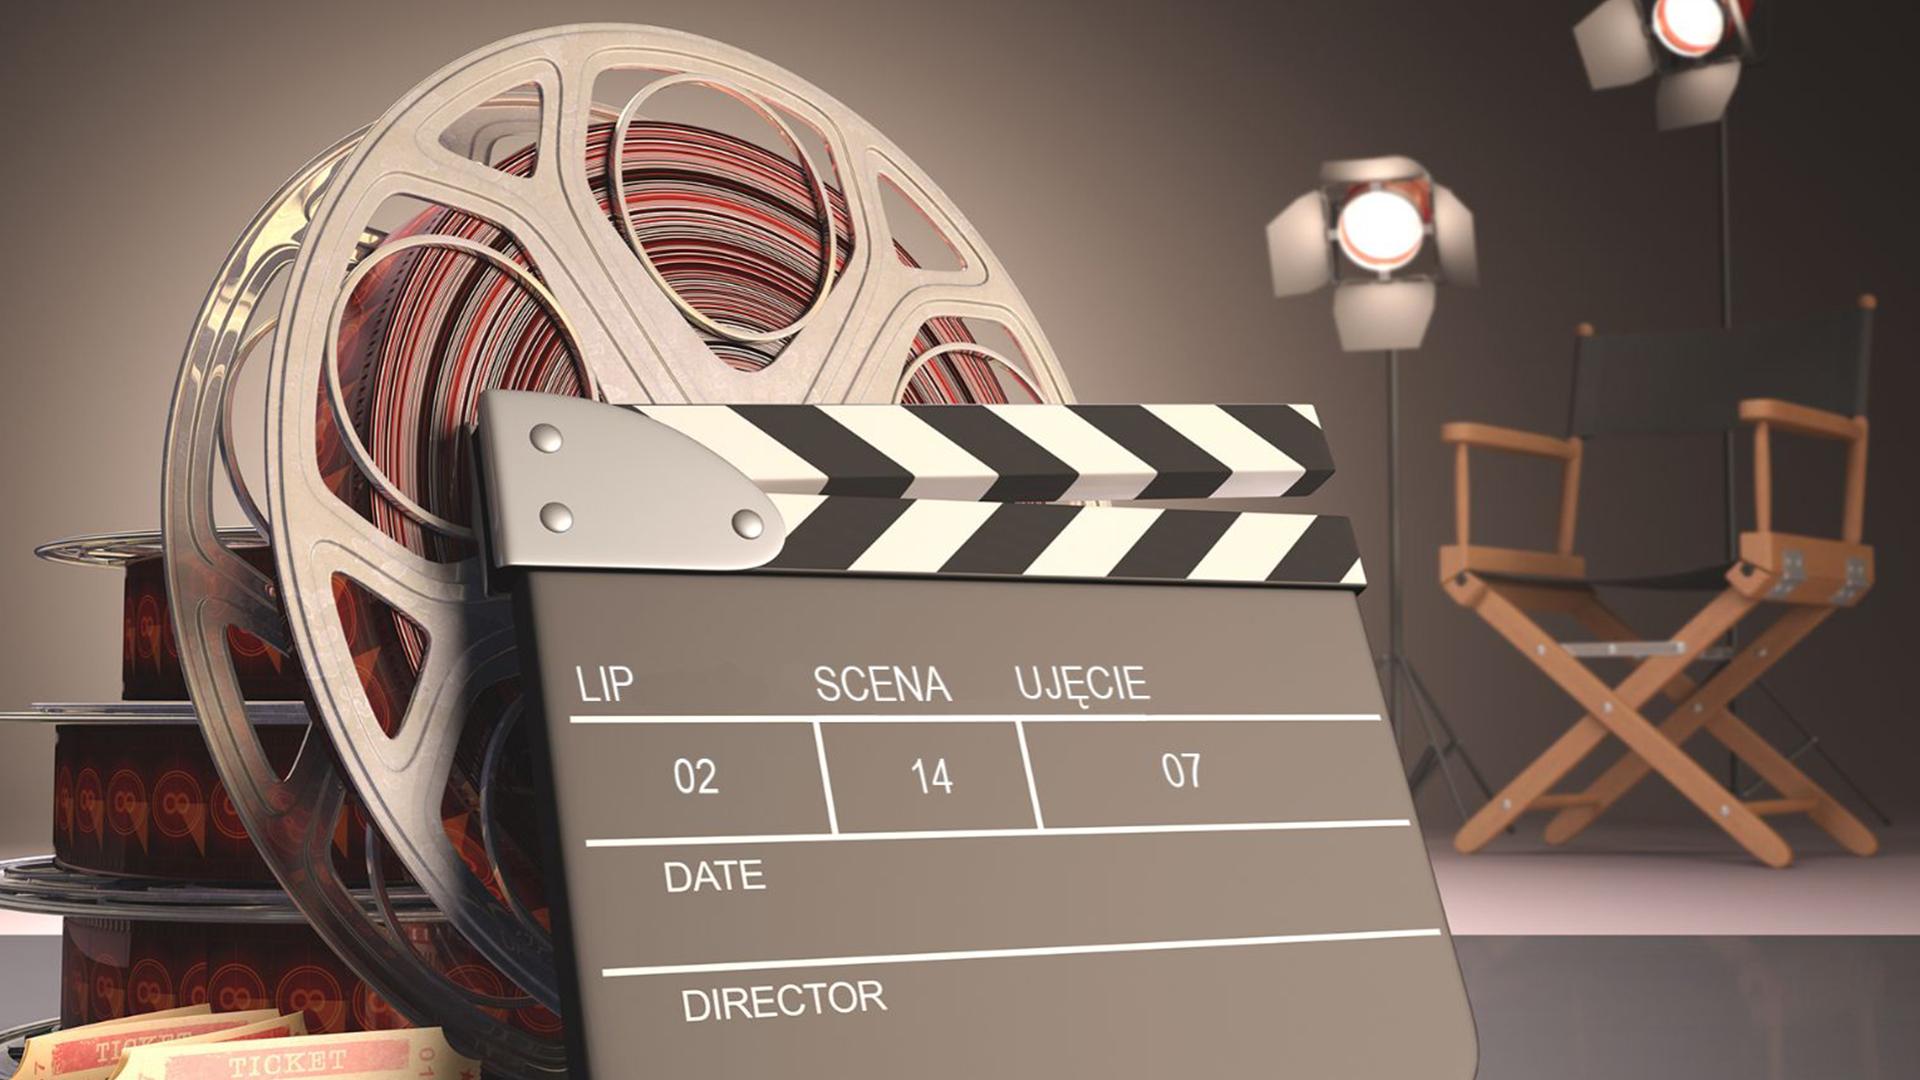 krzesło reżyserskie, taśma filmowa, klaps i oświetlenie do scenografii